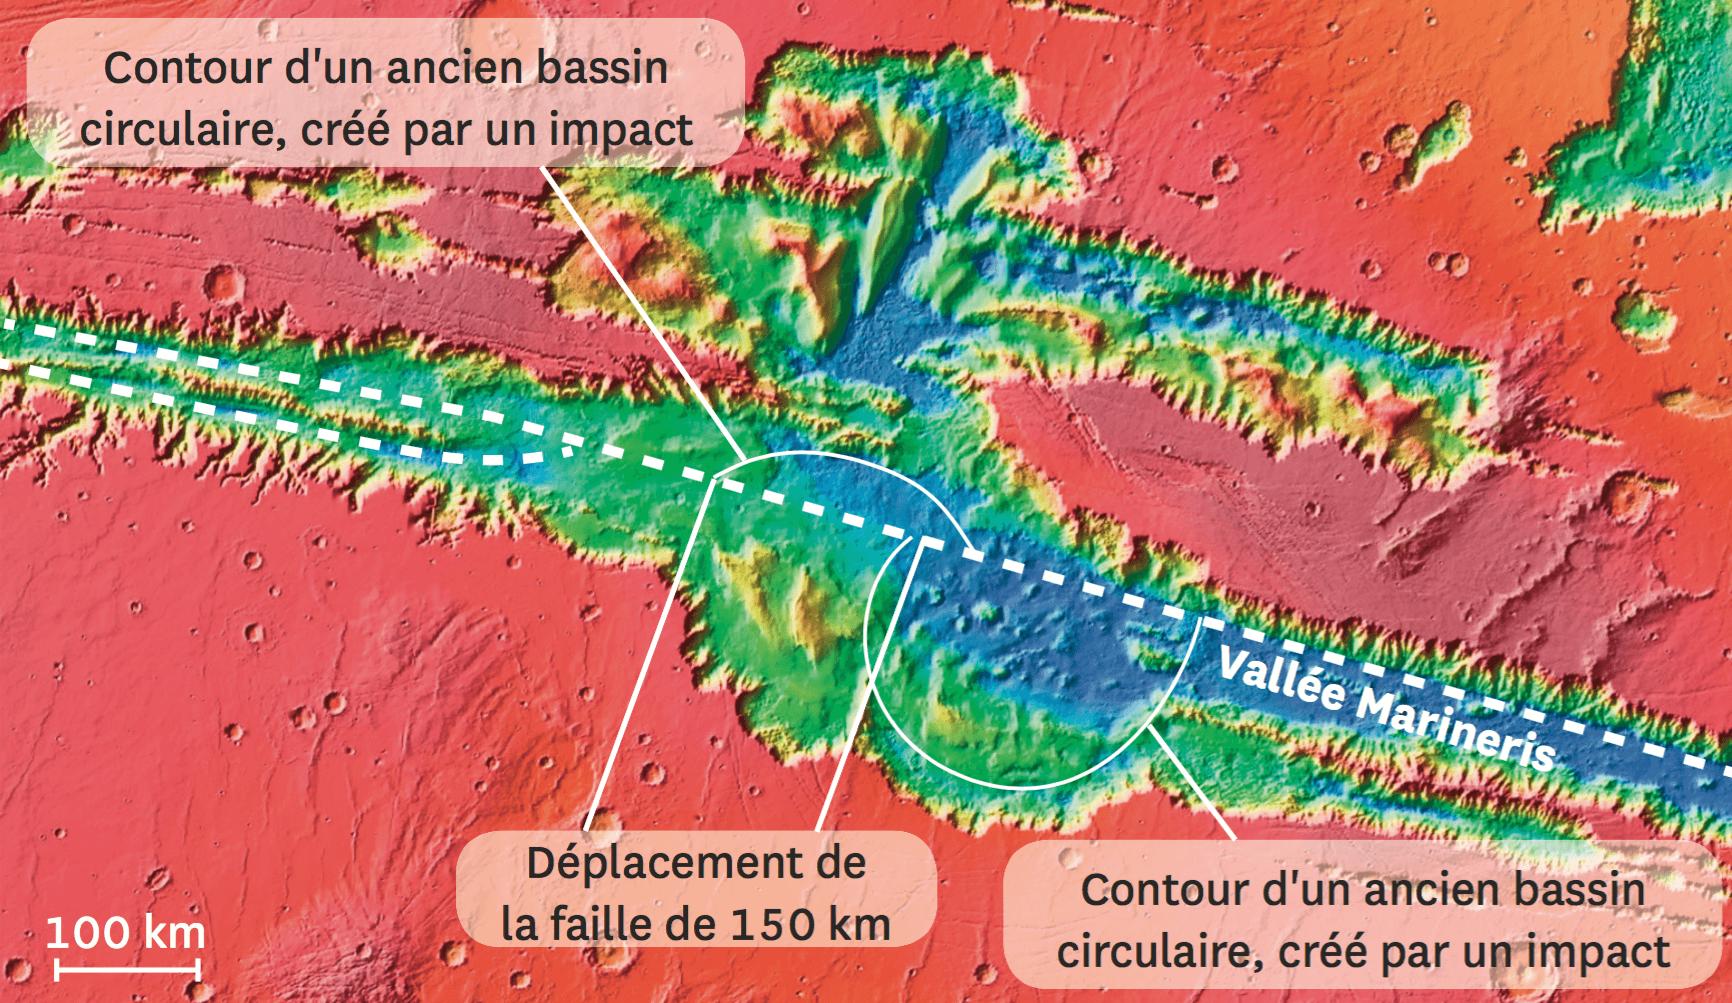 Image en fausses couleurs présentant une vallée et un ancien cratère d'impact.